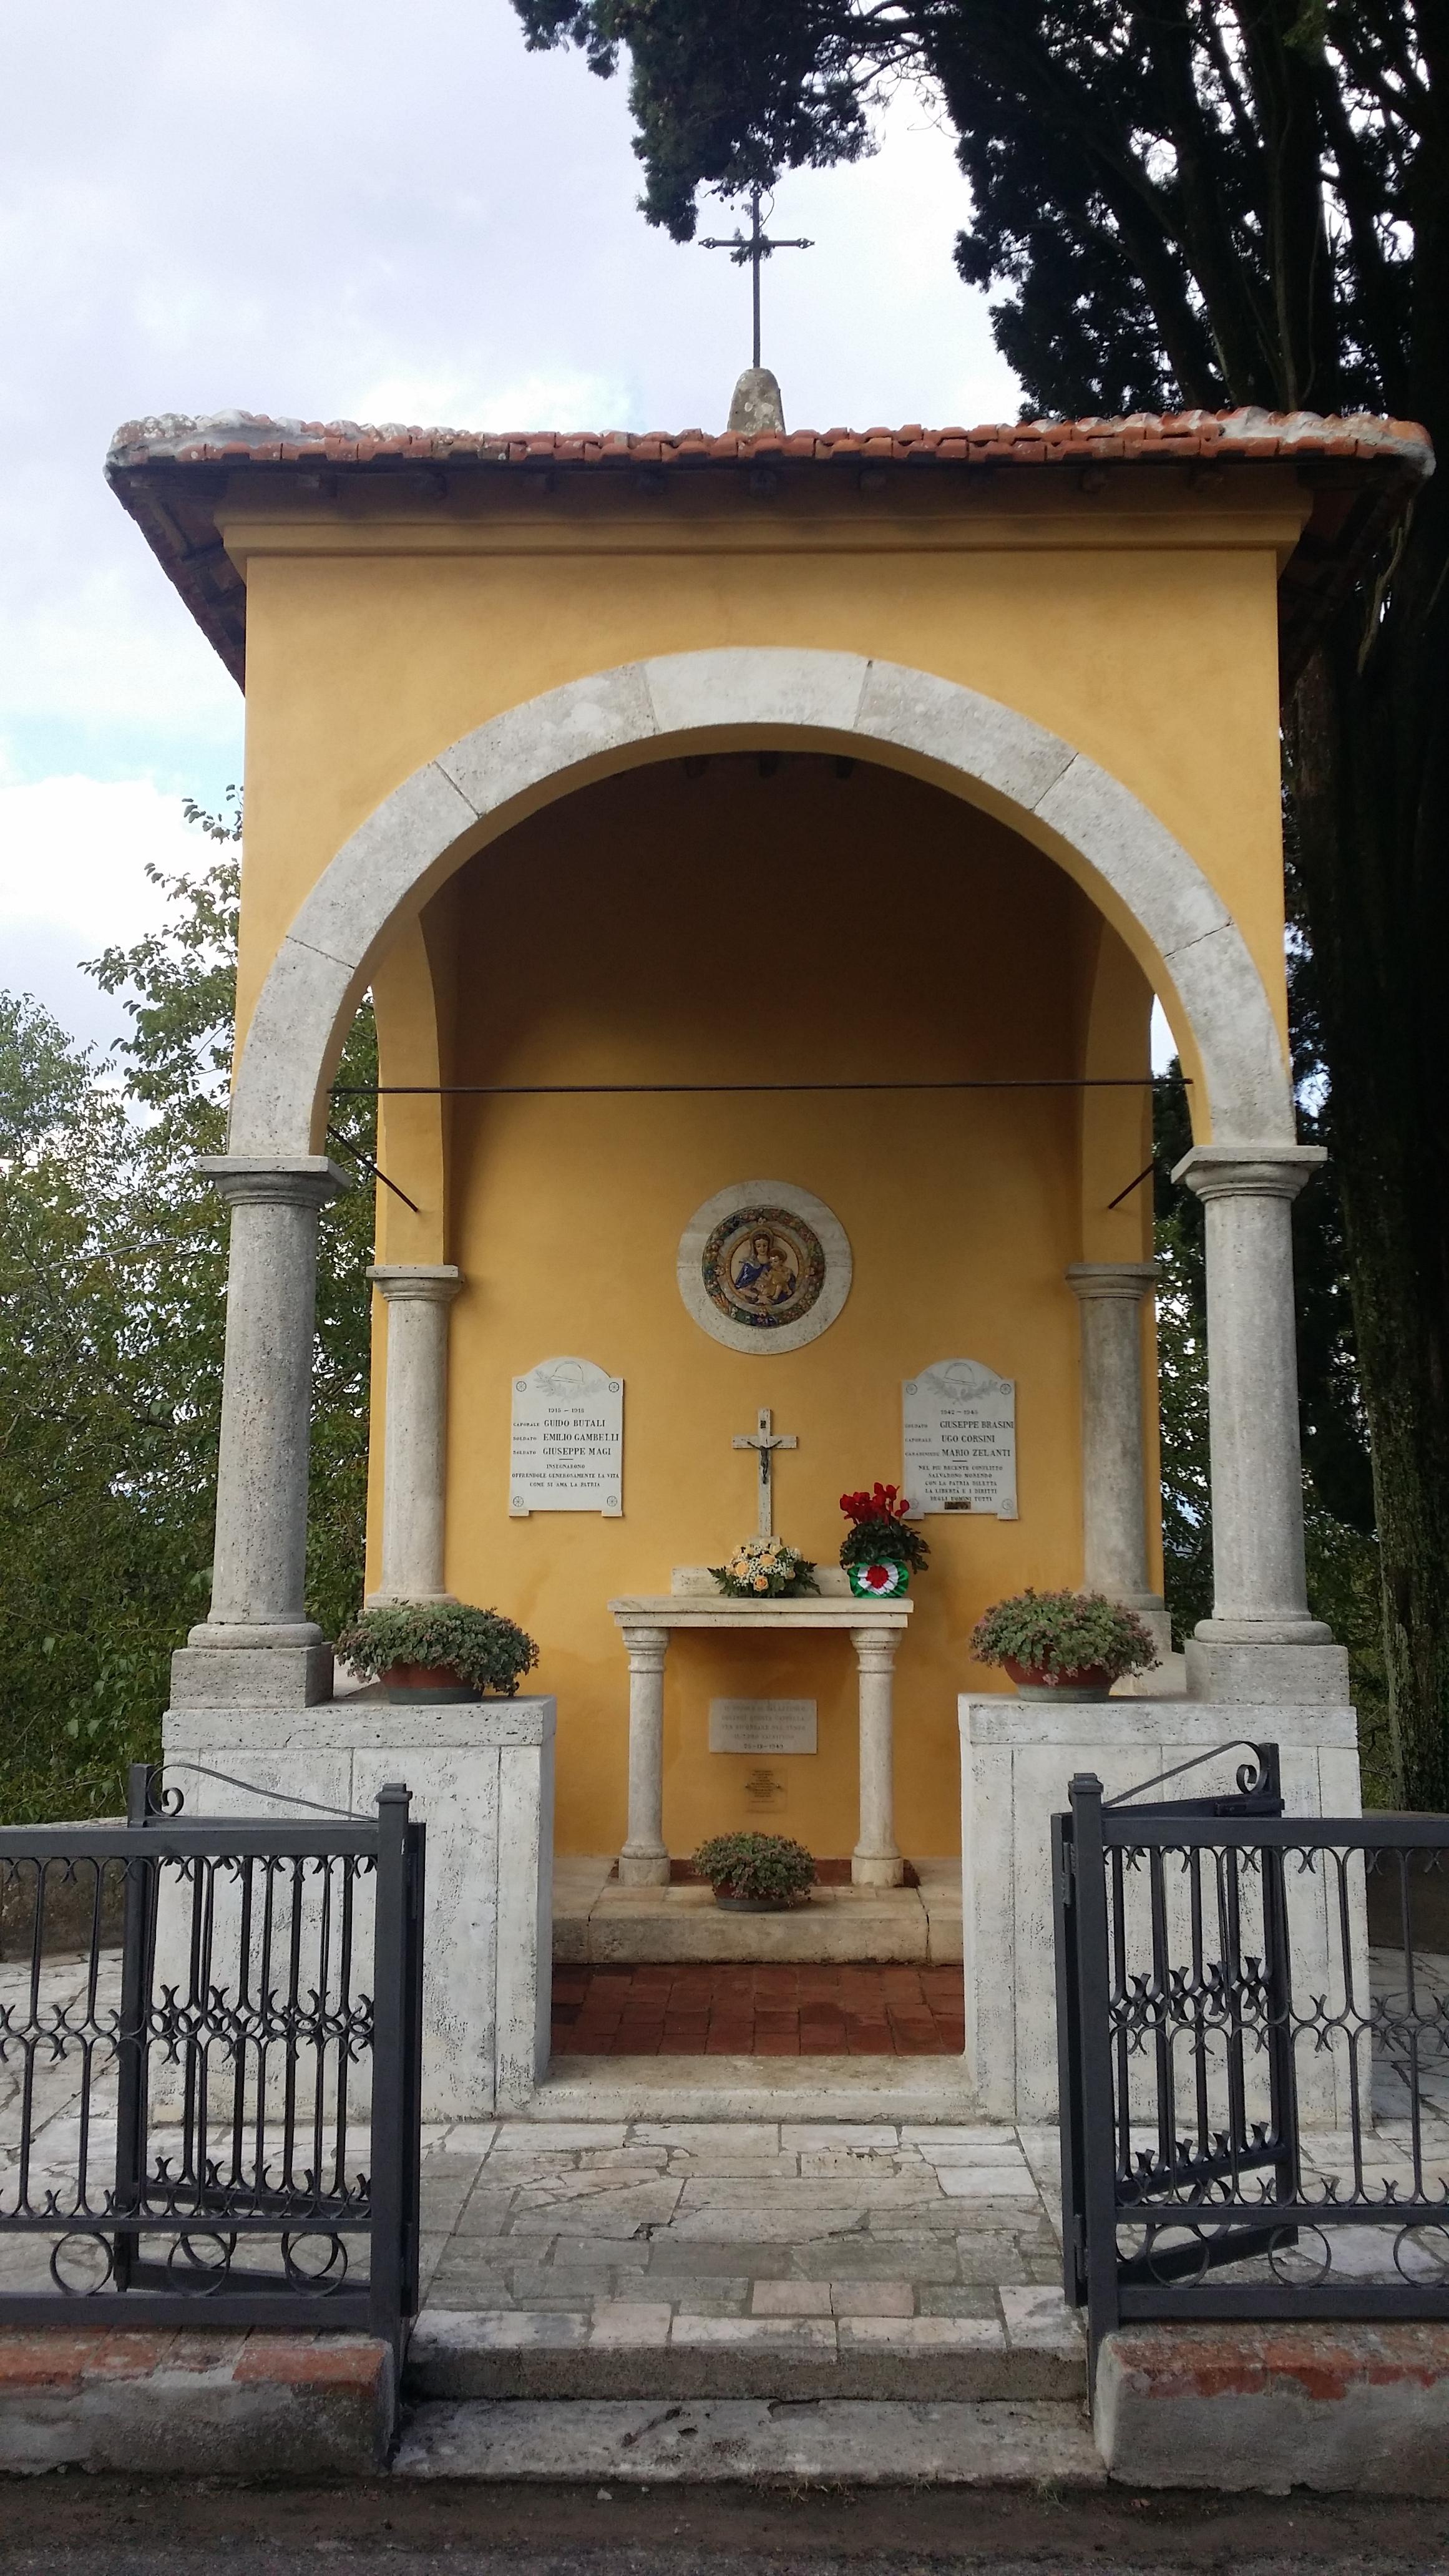 Restaurato il Monumento ai Caduti della frazione savinese di Palazzuolo